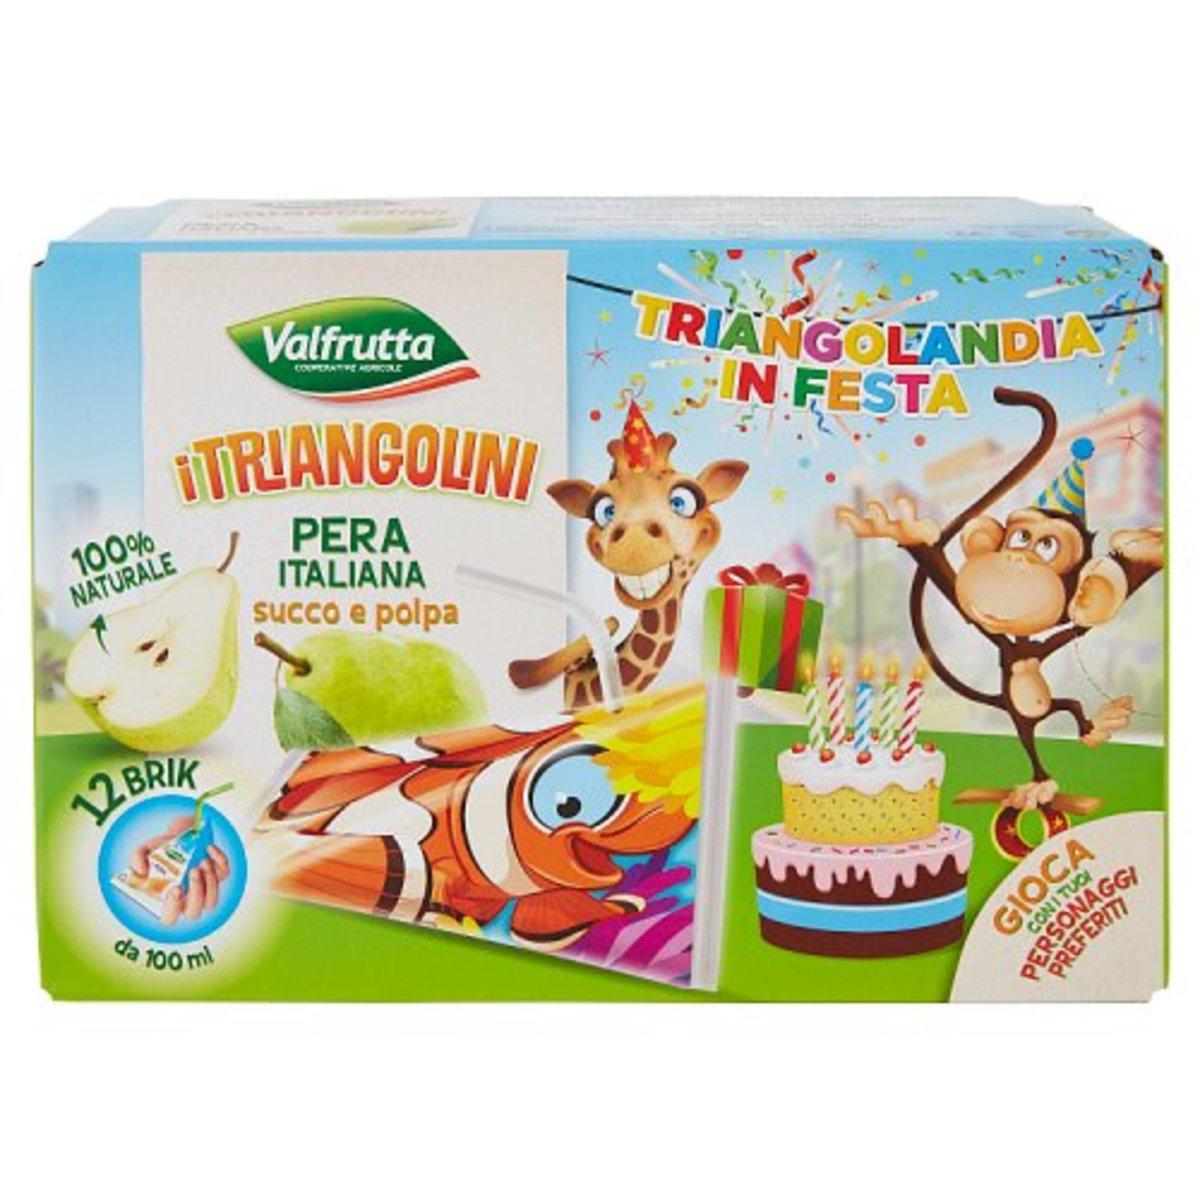 意大利三角形果汁 – 梨汁 (原箱12盒 )